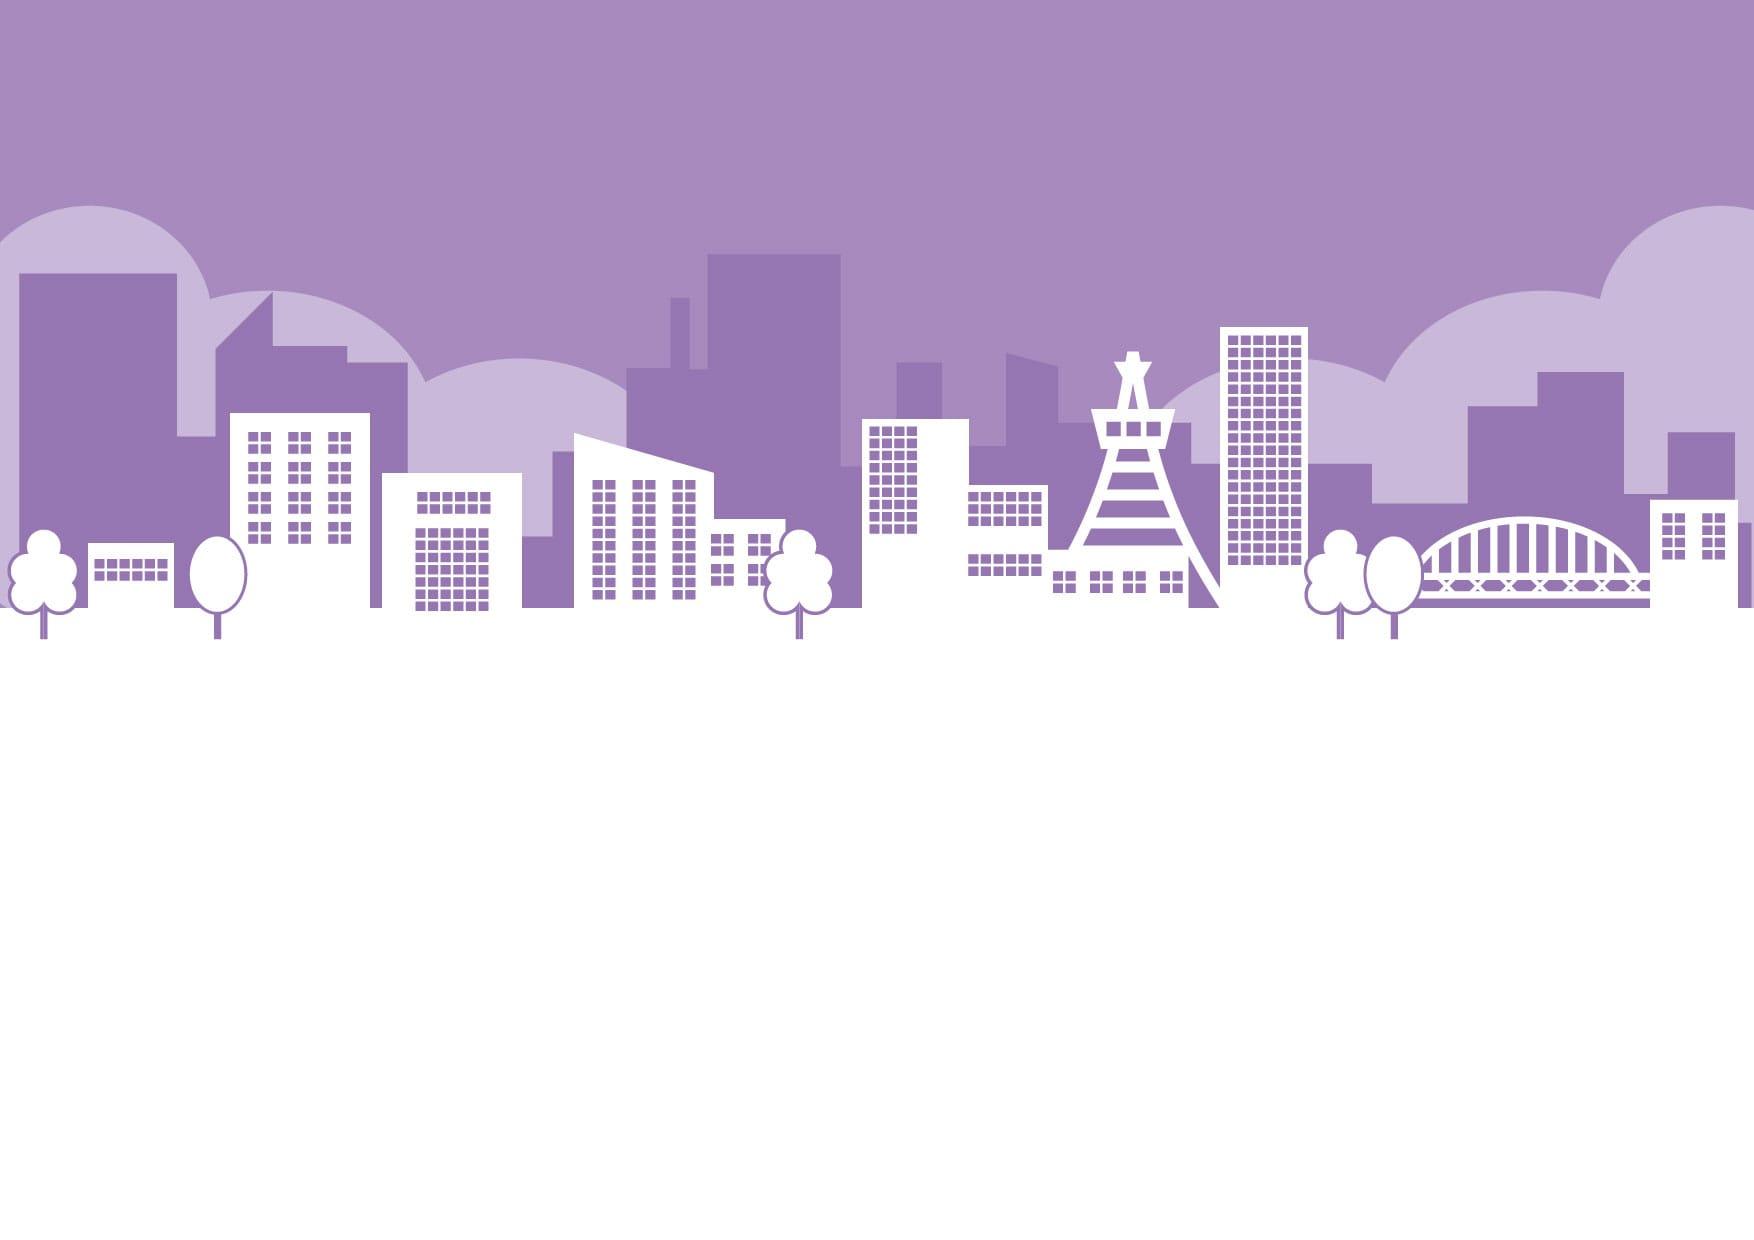 街並み 紫色 イラスト 無料